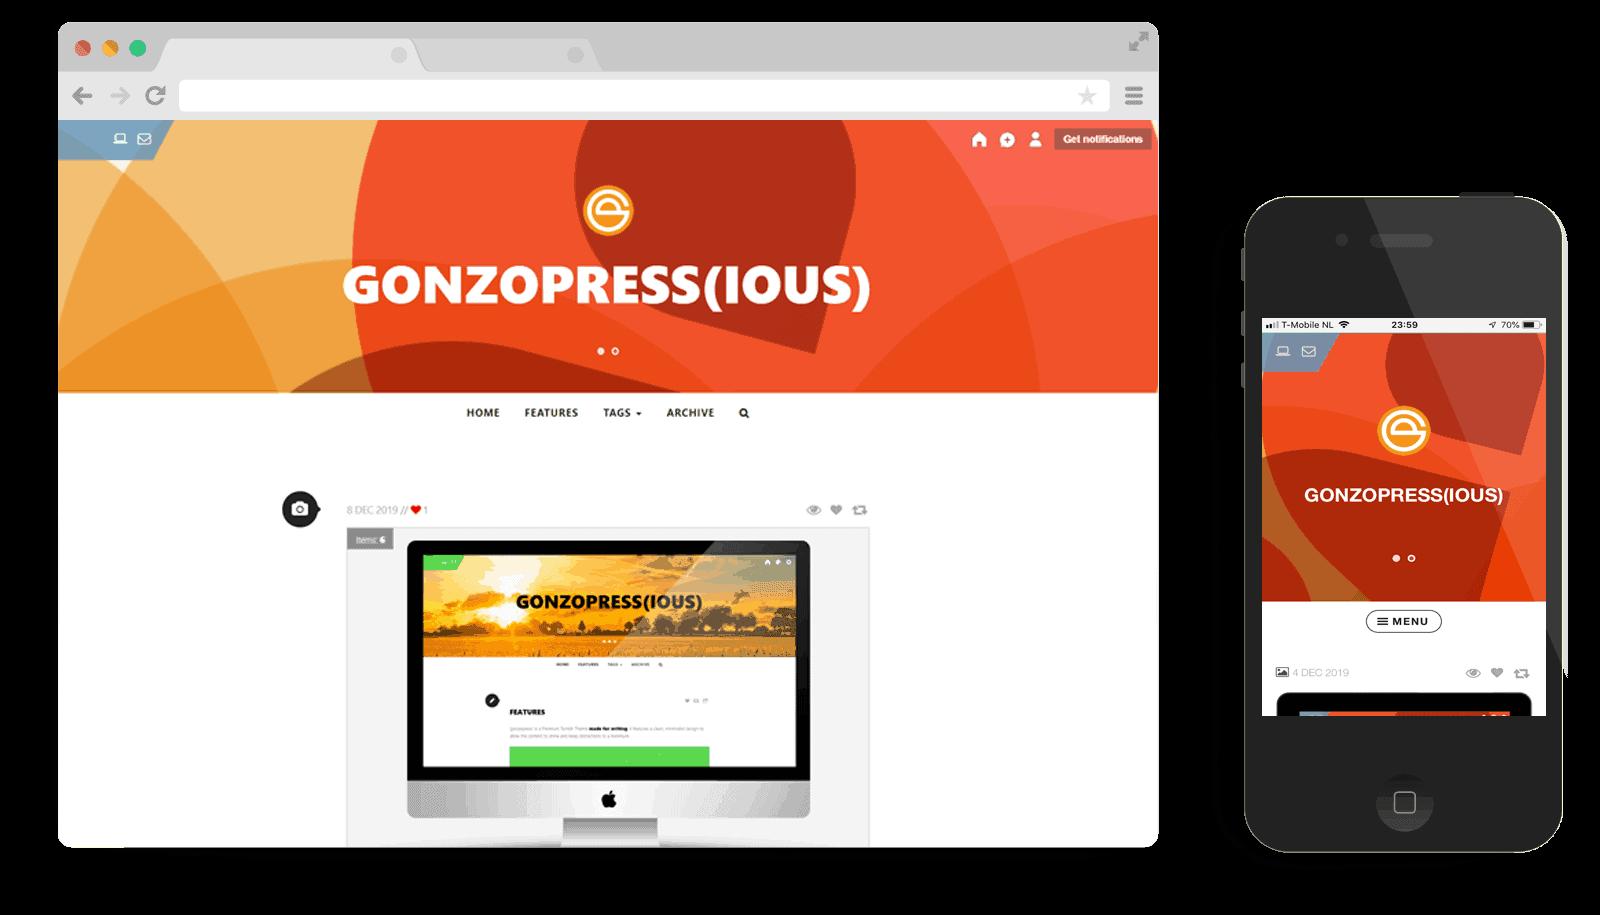 premium Tumblr theme gonzopressious